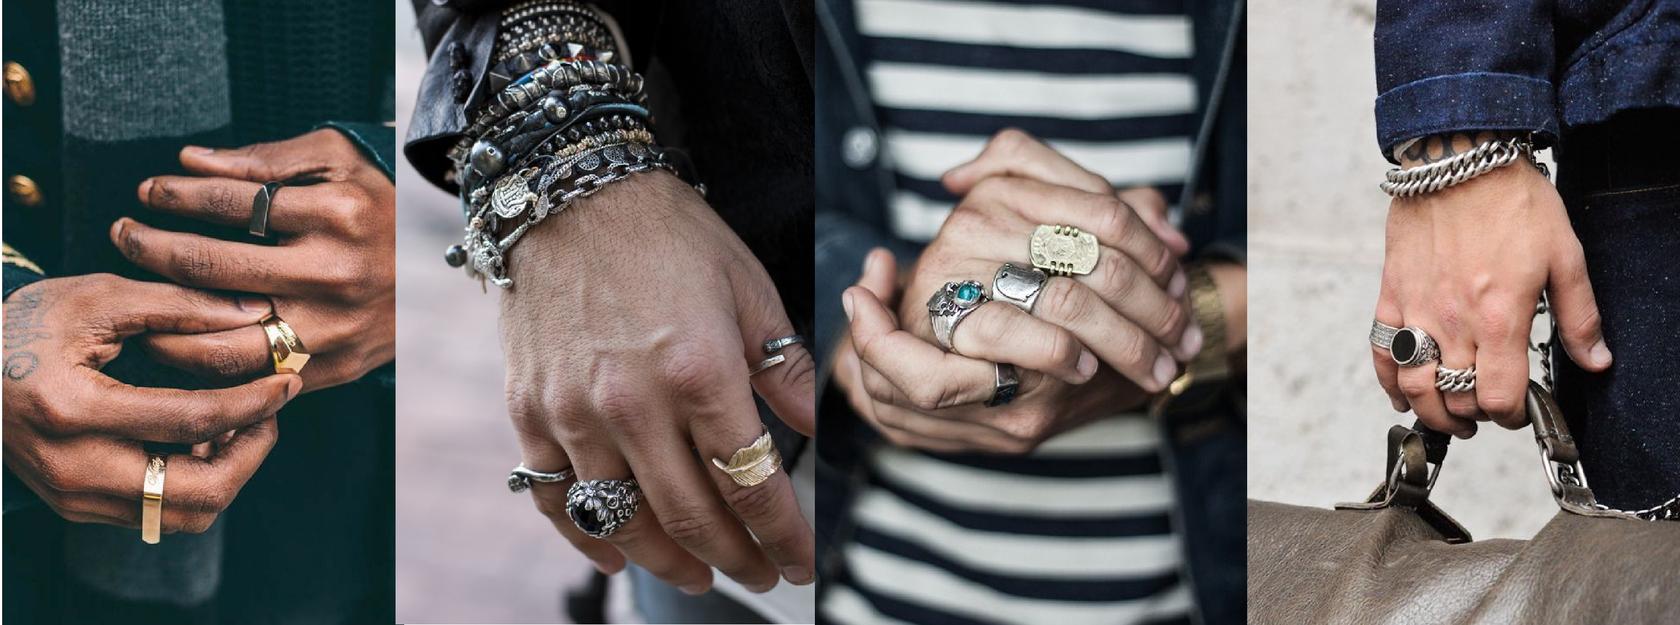 Мужской украшения с драгоценными камнями фото